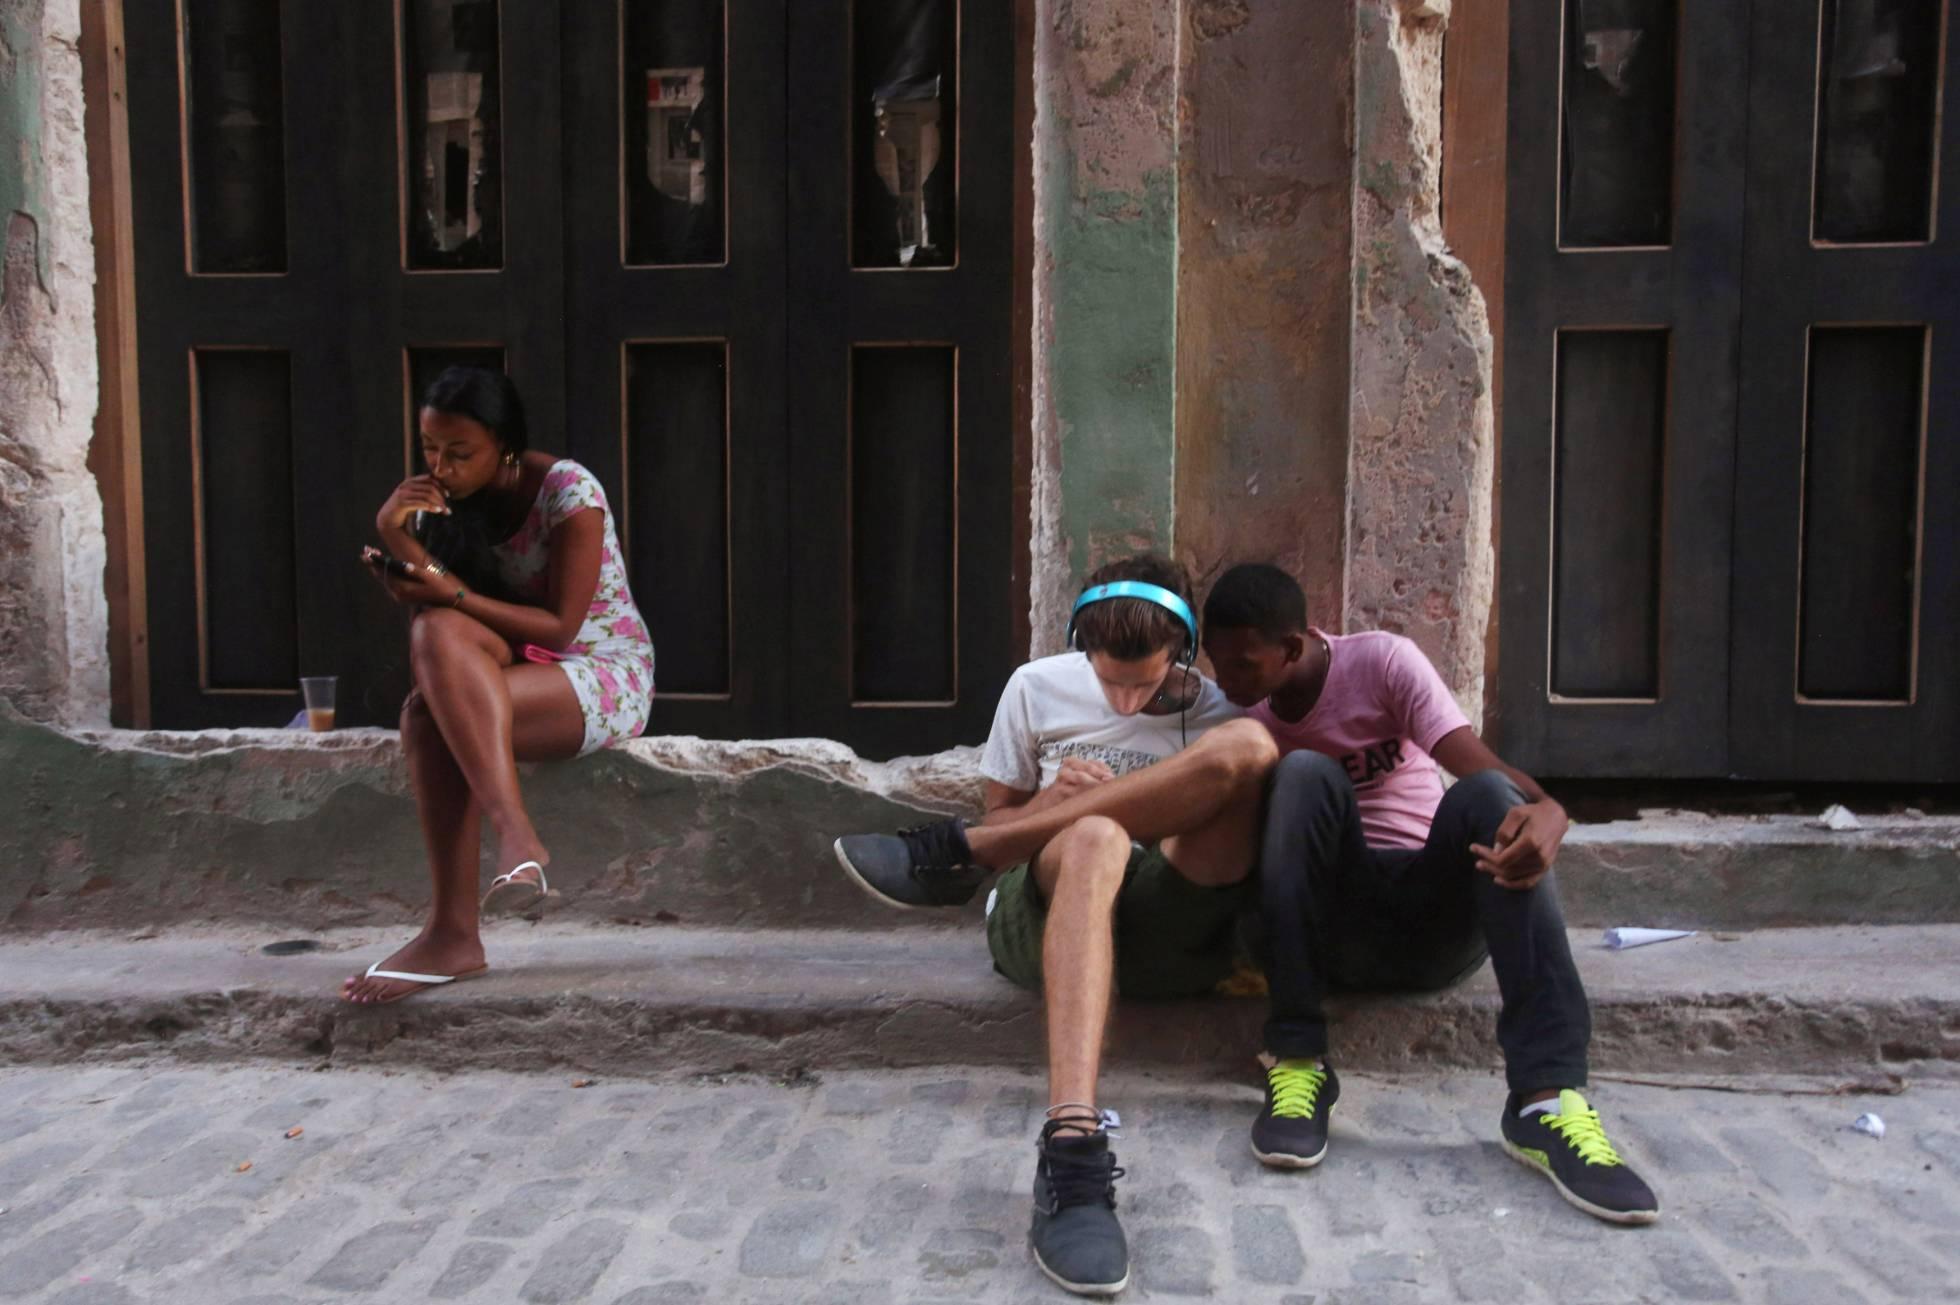 Jovens usam telefones celulares em Havana. (REUTERS)